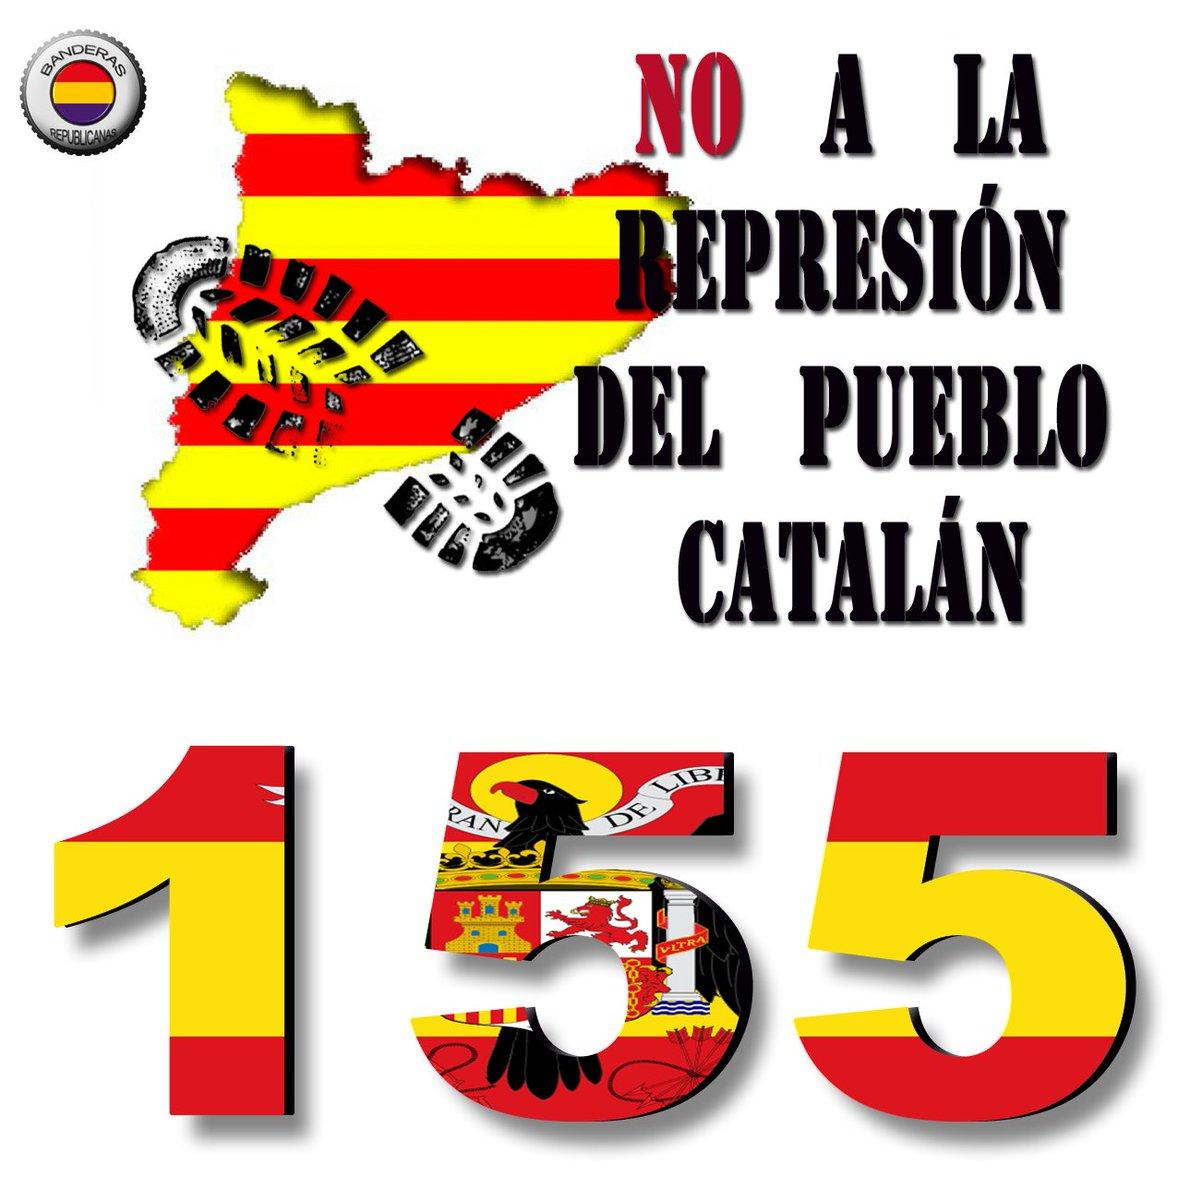 RT @BanderasRepubli: No a la represión del pueblo catalán #AlBorde155ARV #FuturoCataluñaM4 https://t.co/wIStVM0nLV